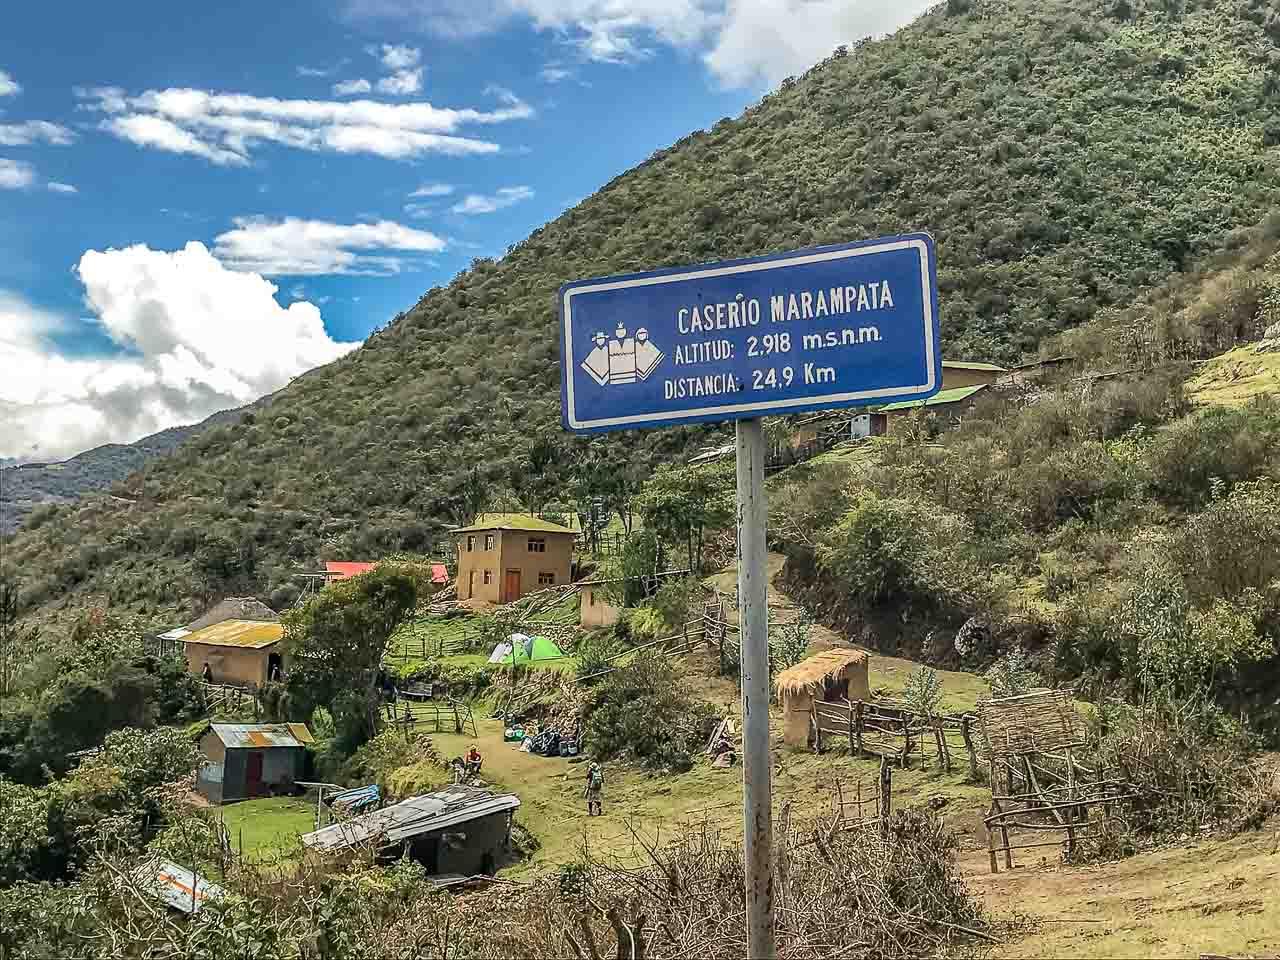 Acampamento de Marampata, o melhor do trekking até Choquequirao